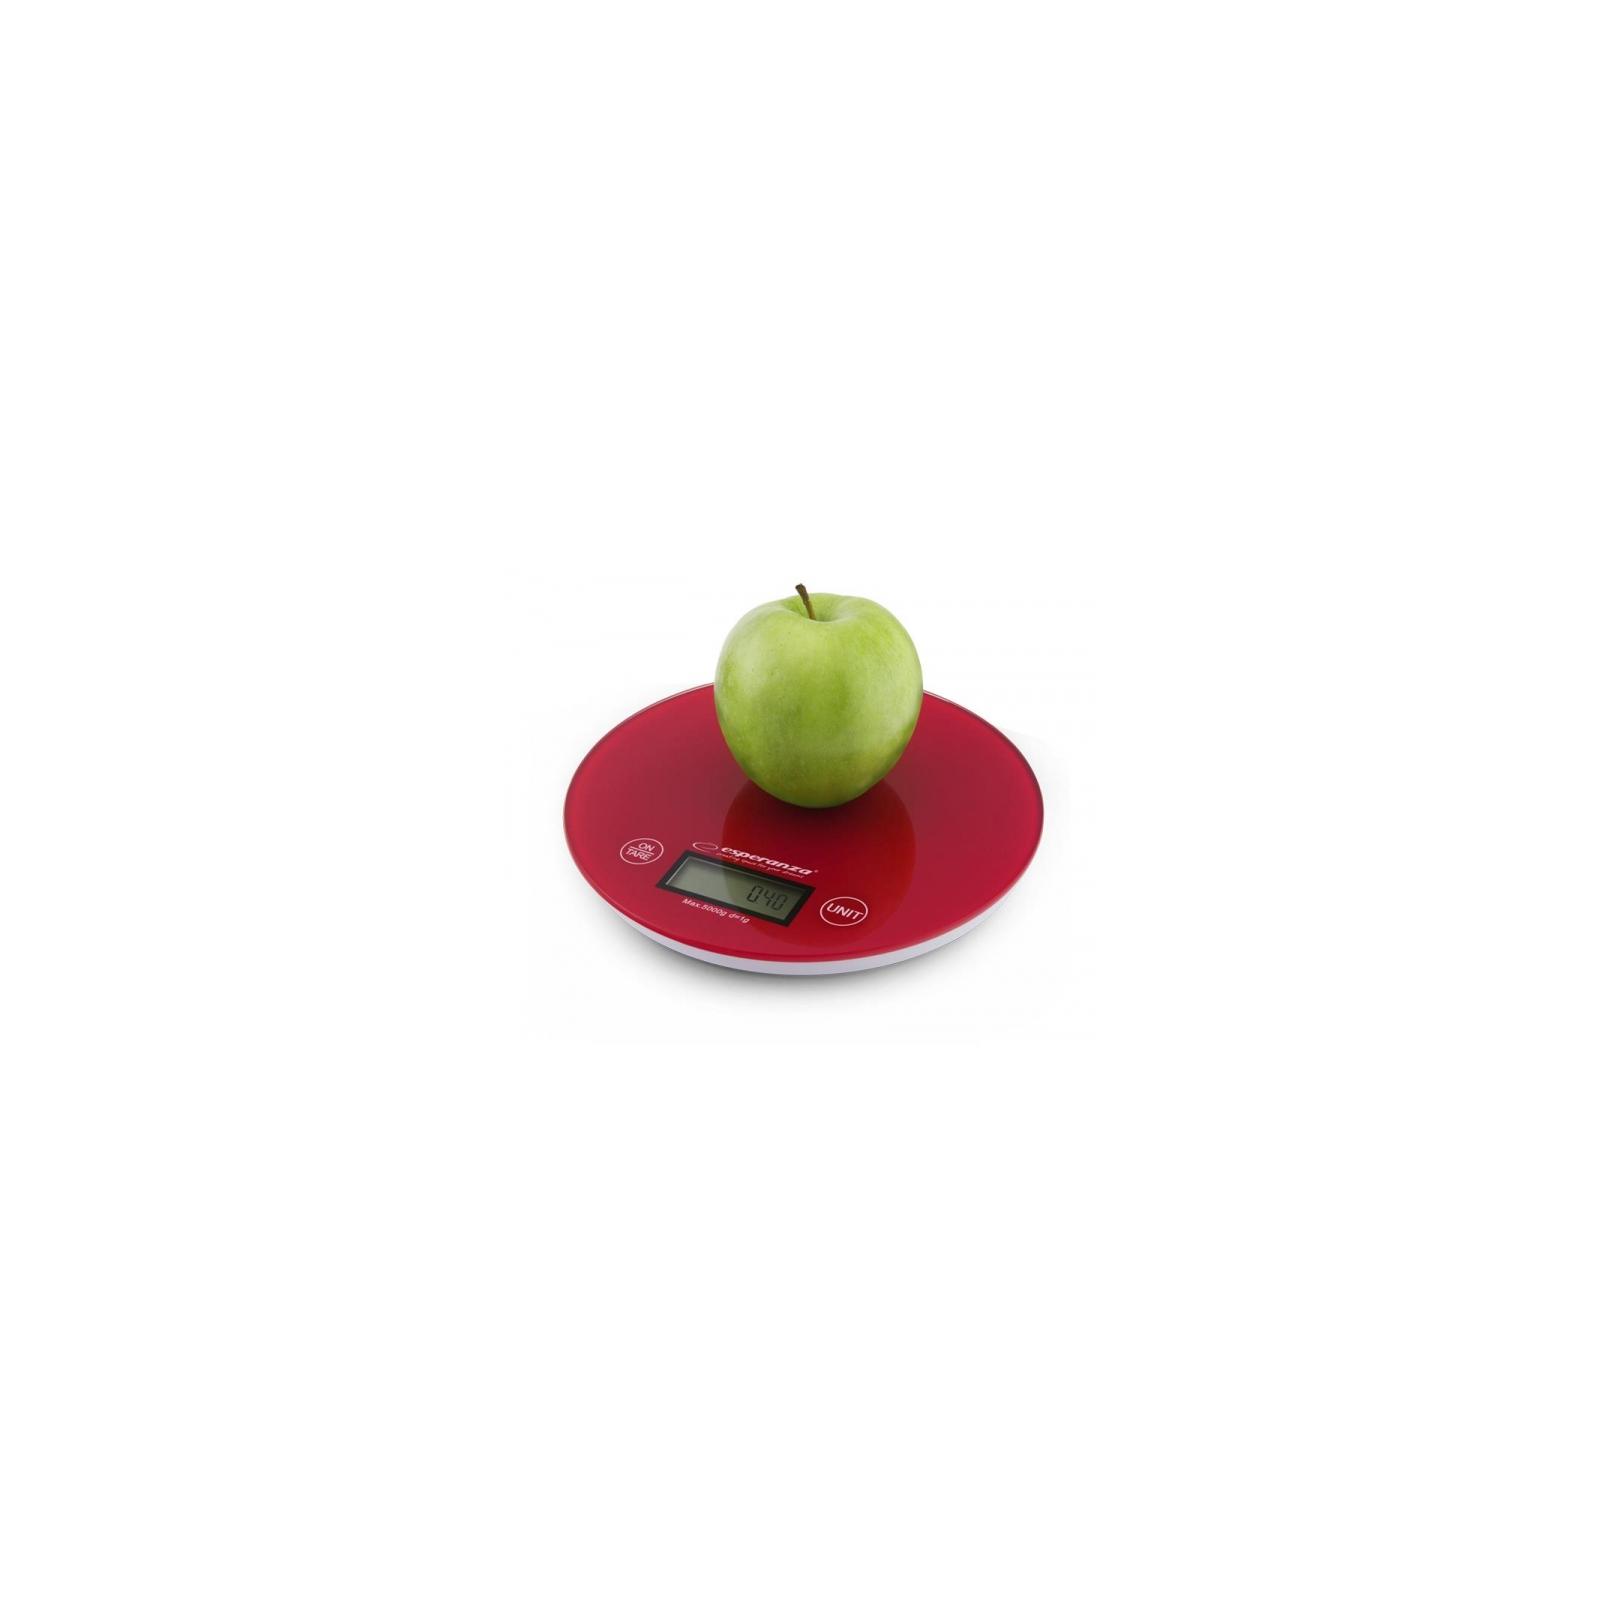 Весы кухонные Esperanza EKS 003 R (EKS003R) изображение 2